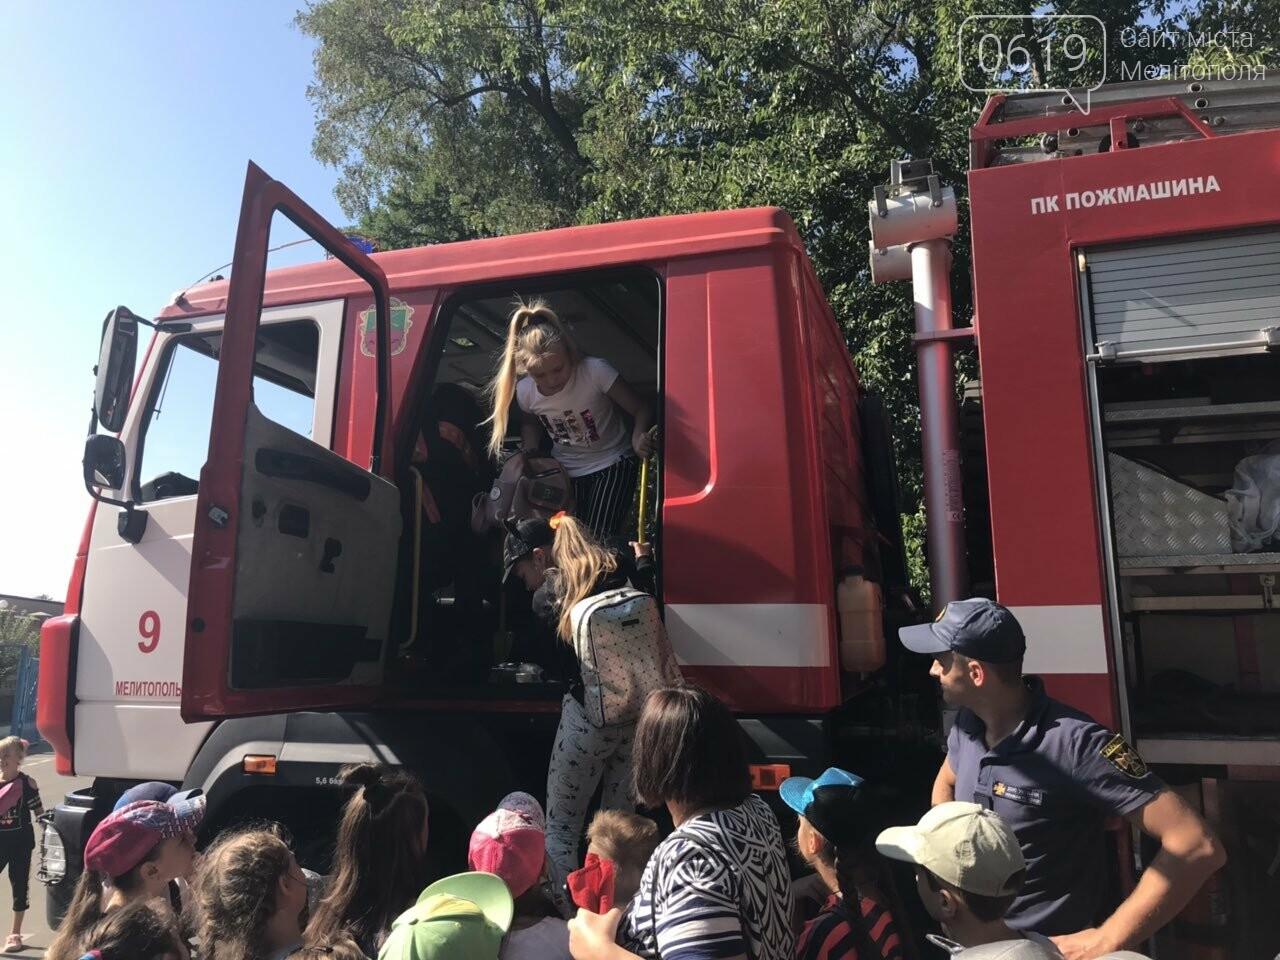 Мелитопольские спасатели провели масштабную акцию для детей, фото-12